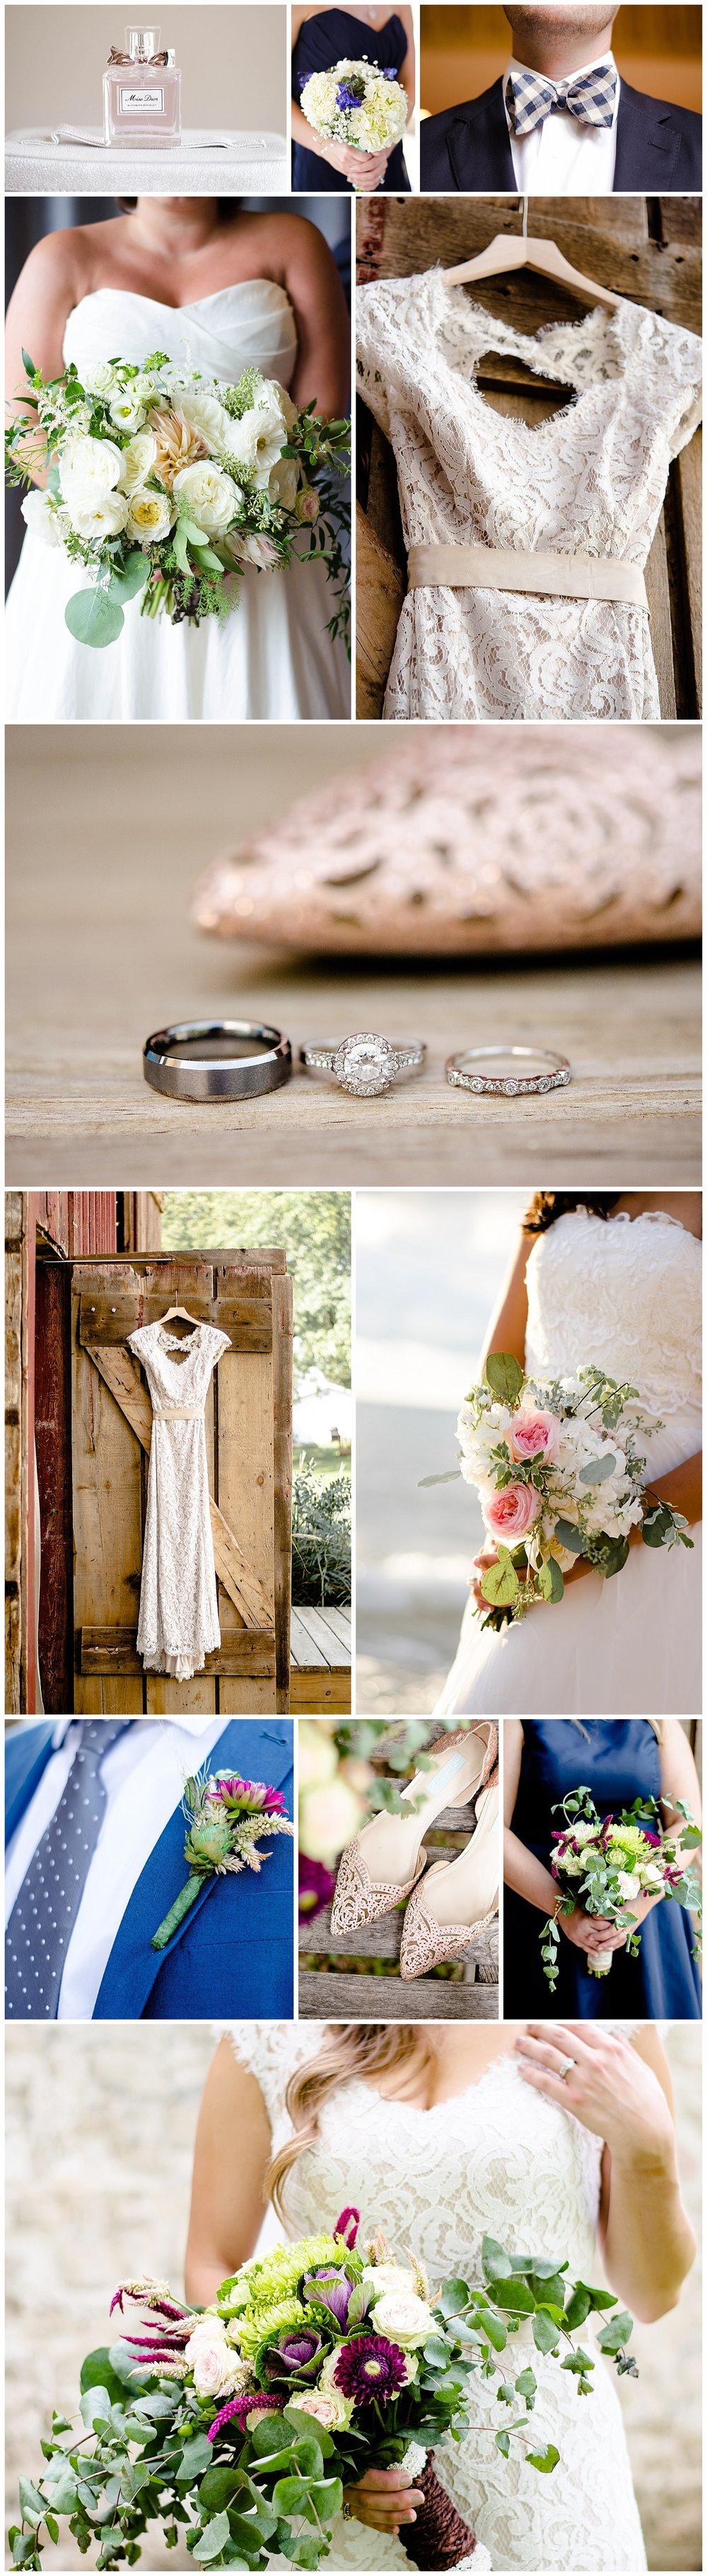 weddings-by-raisa-michigan-photographer_0002.jpg